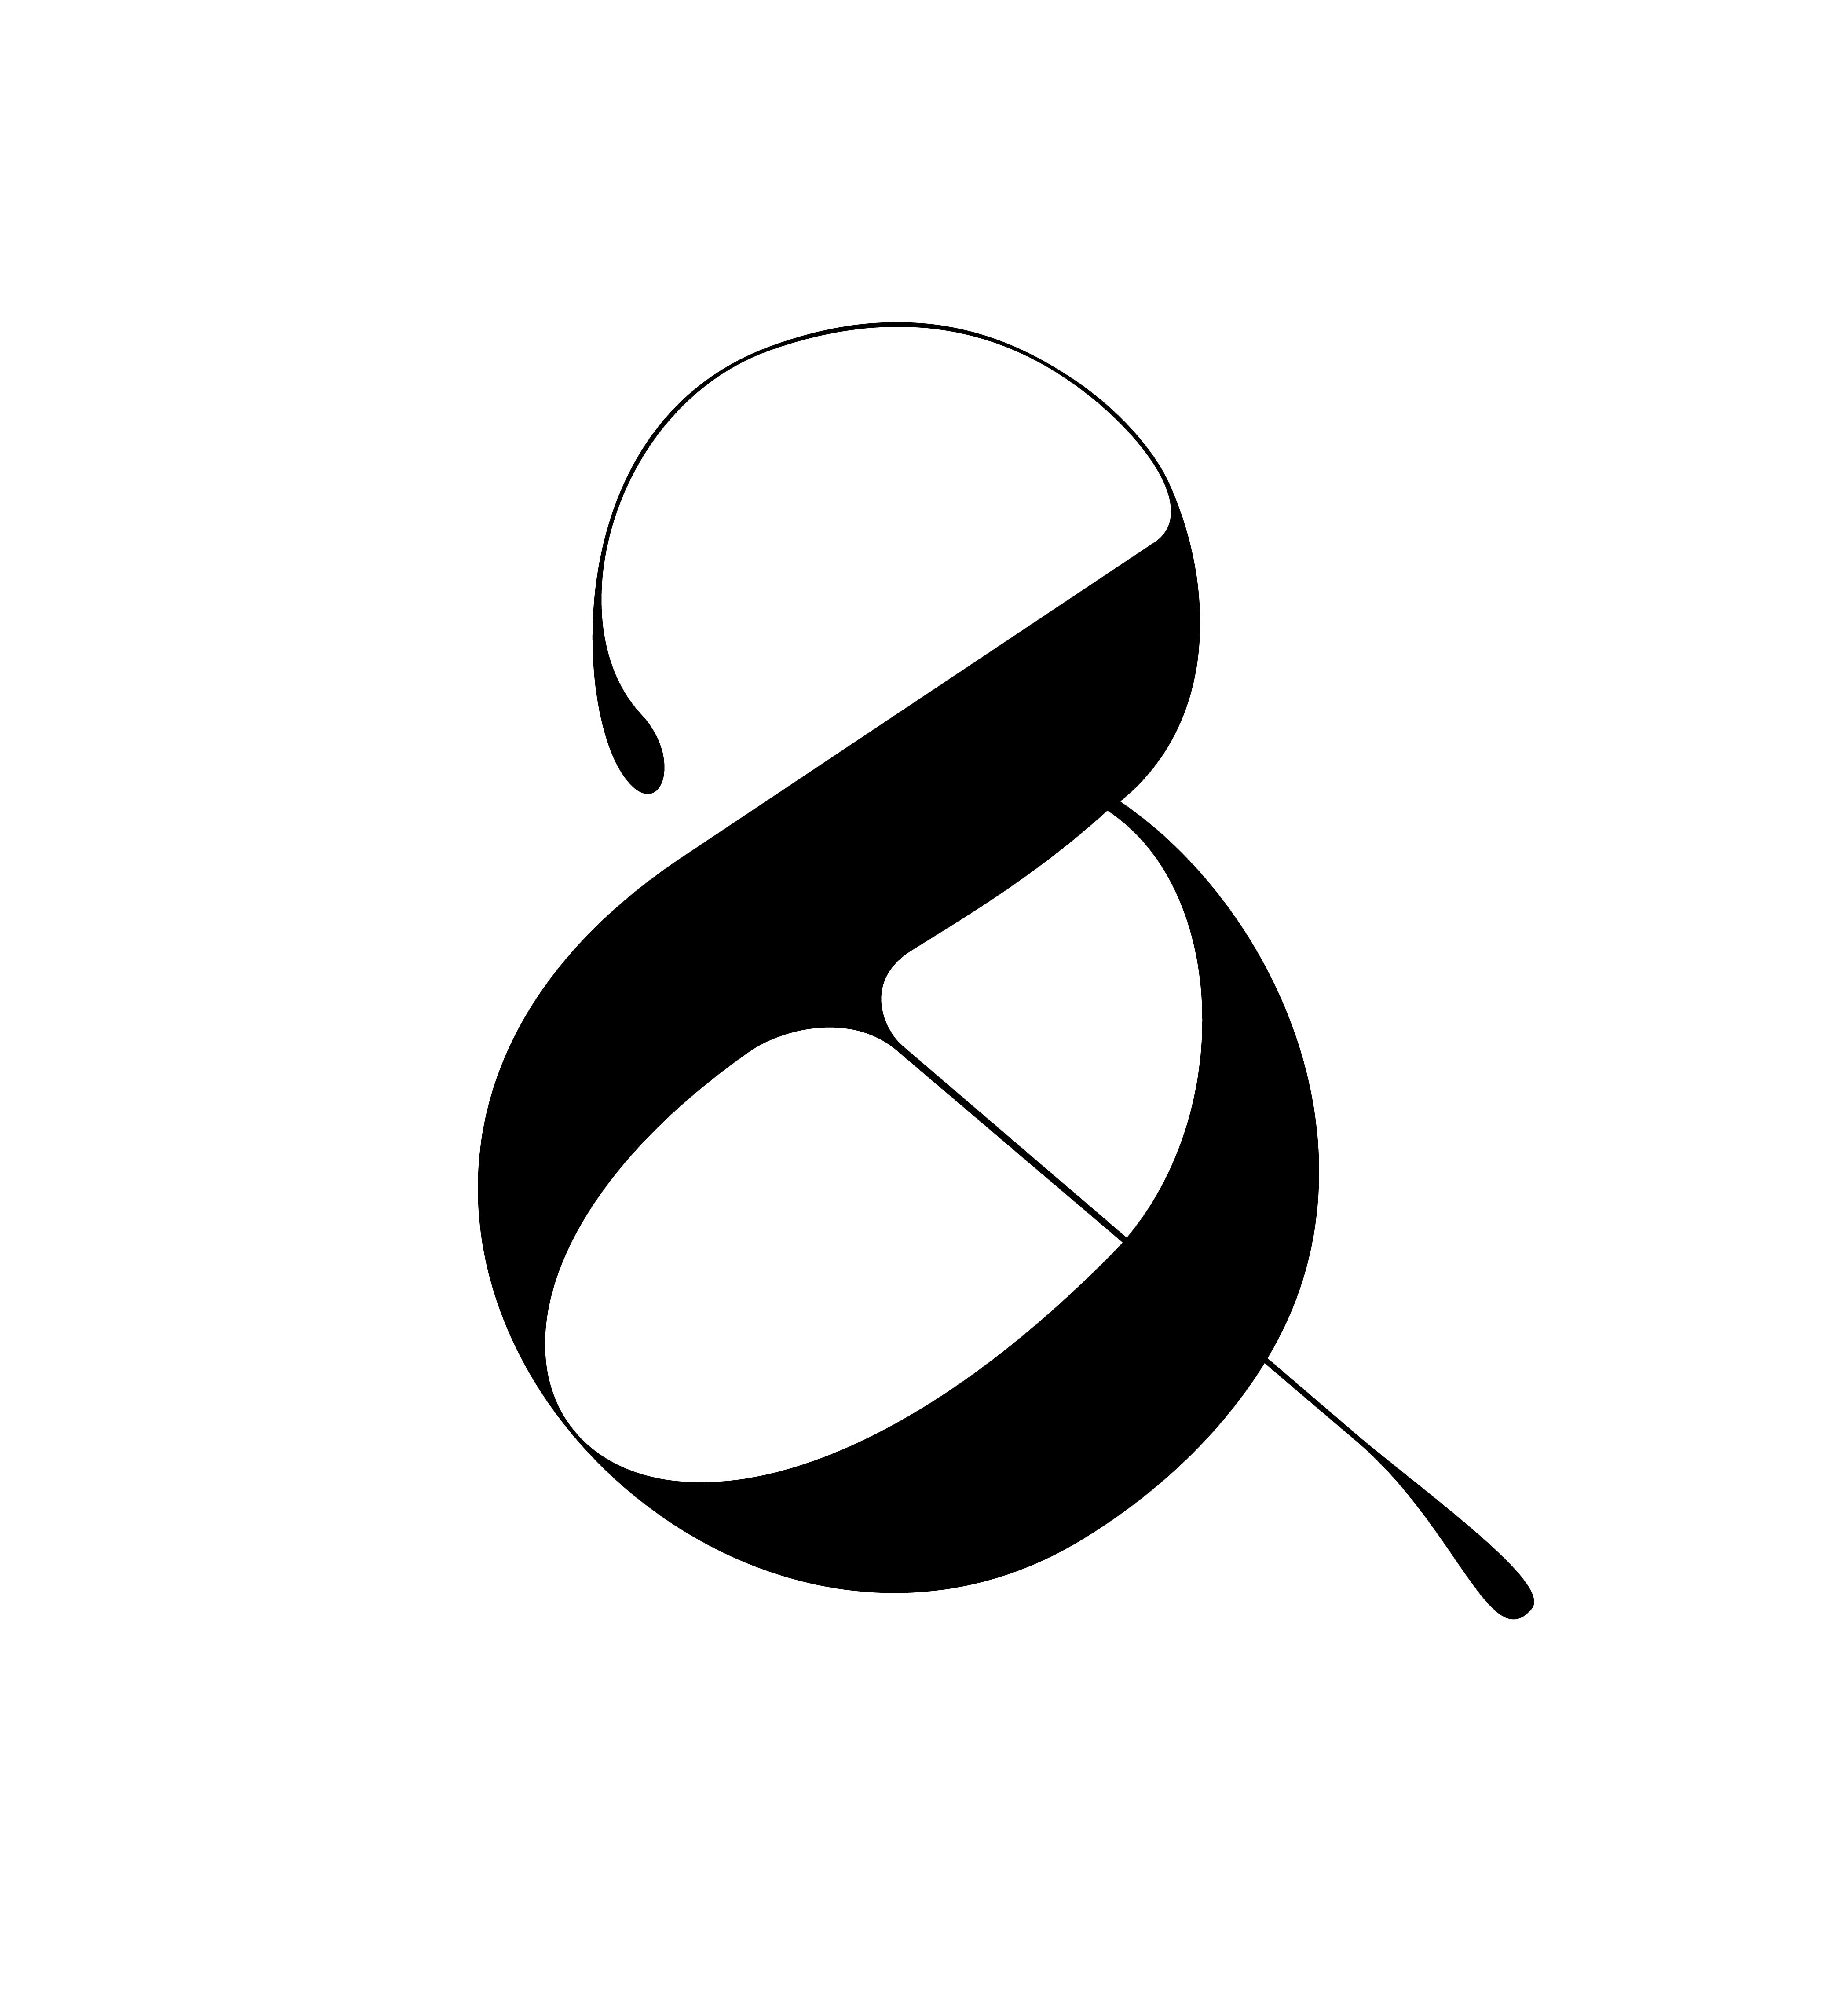 Playful Ampersand by Moshik Nadav Typography